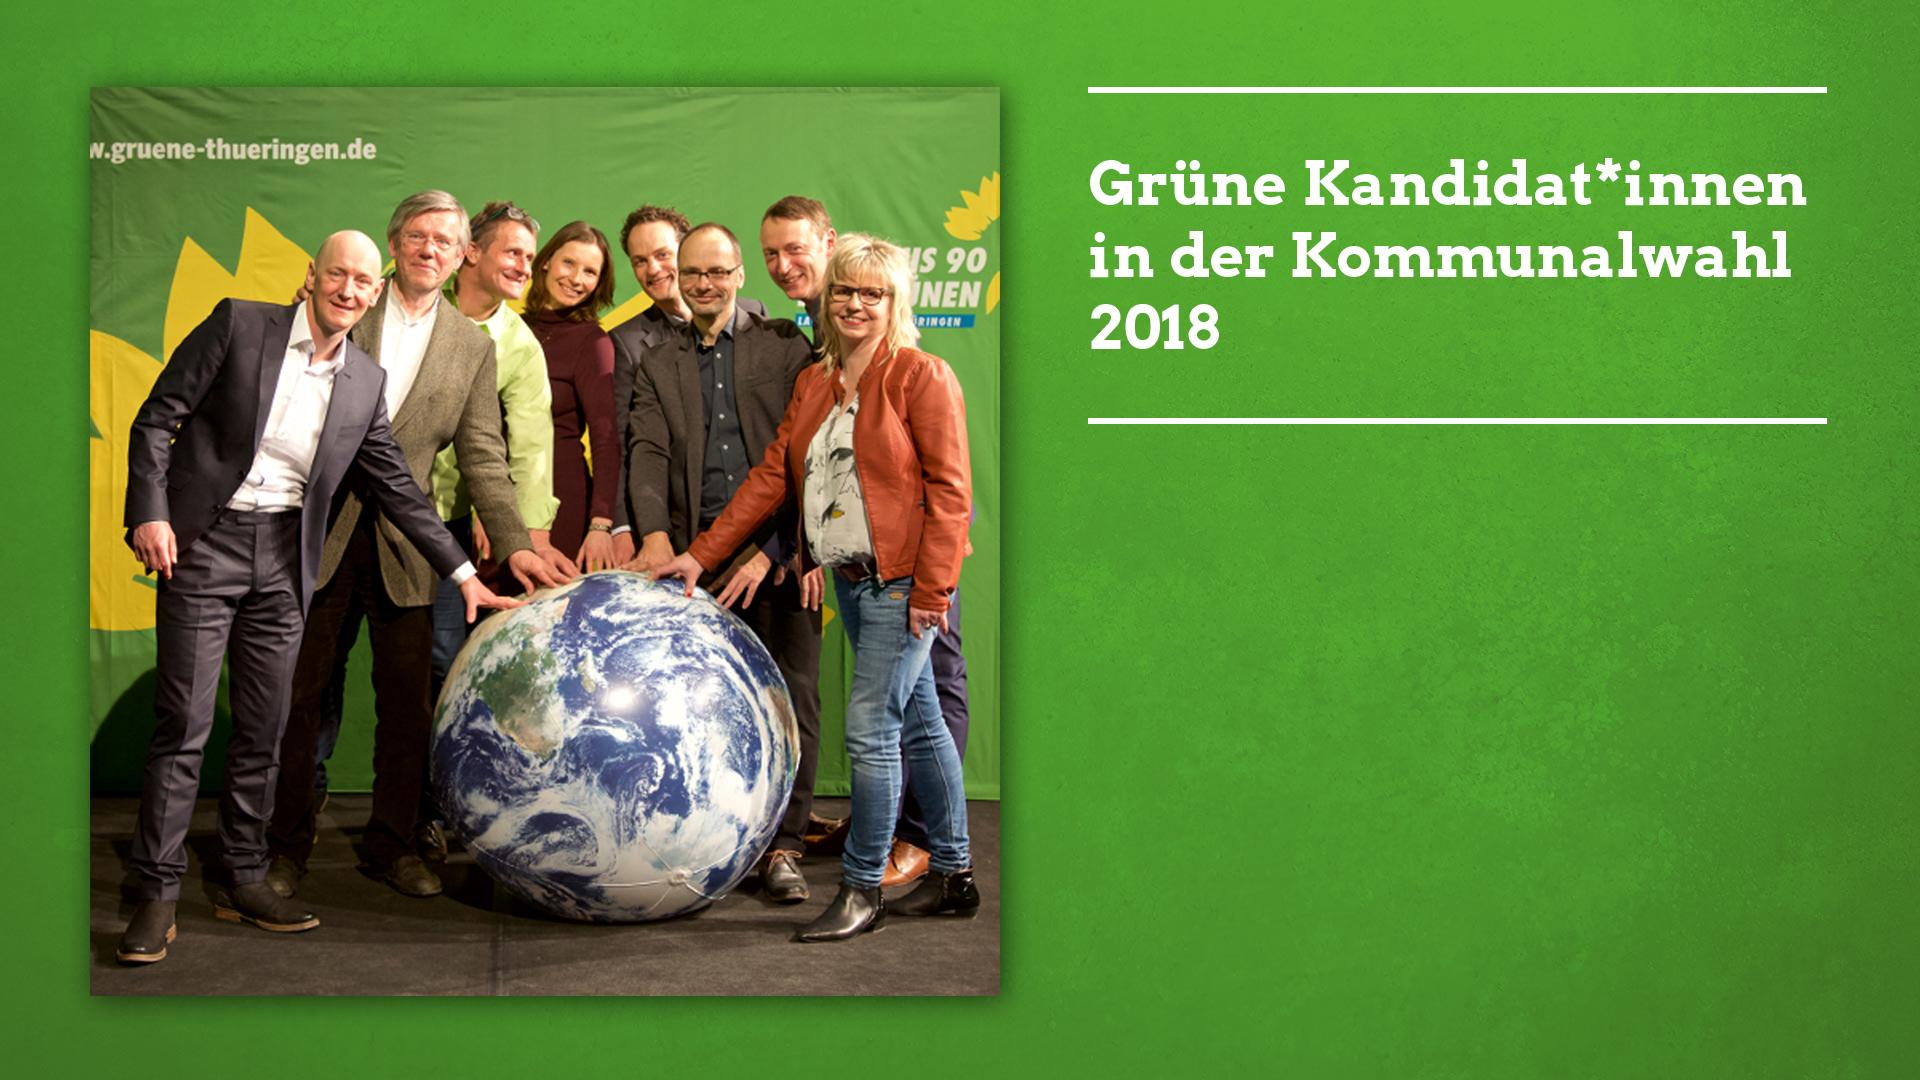 Grüne Kandidat*innen in der Kommunalwahl 2018